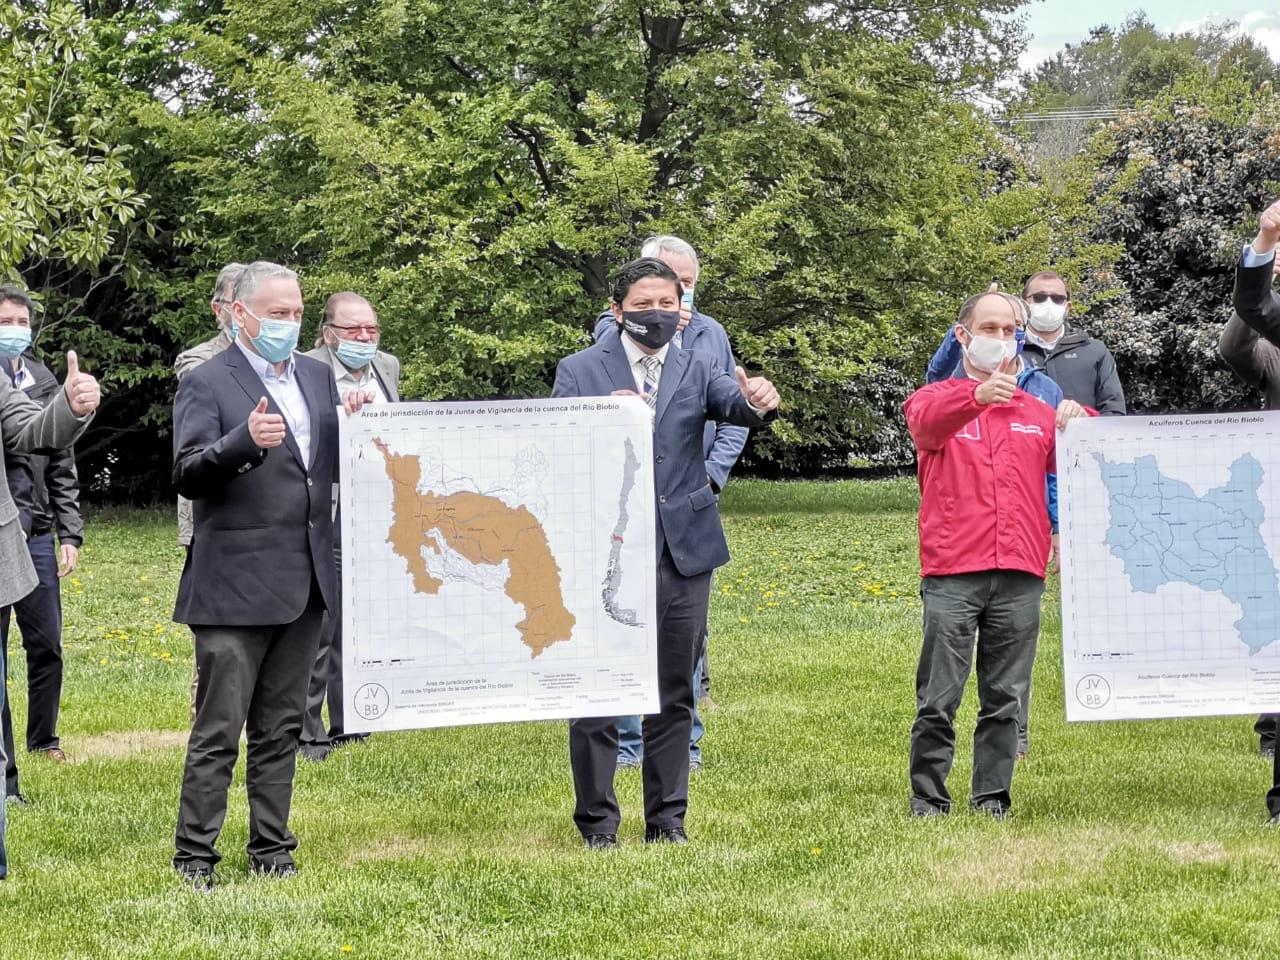 Gobierno destaca conformación de Junta de Vigilancia de río Bío Bío